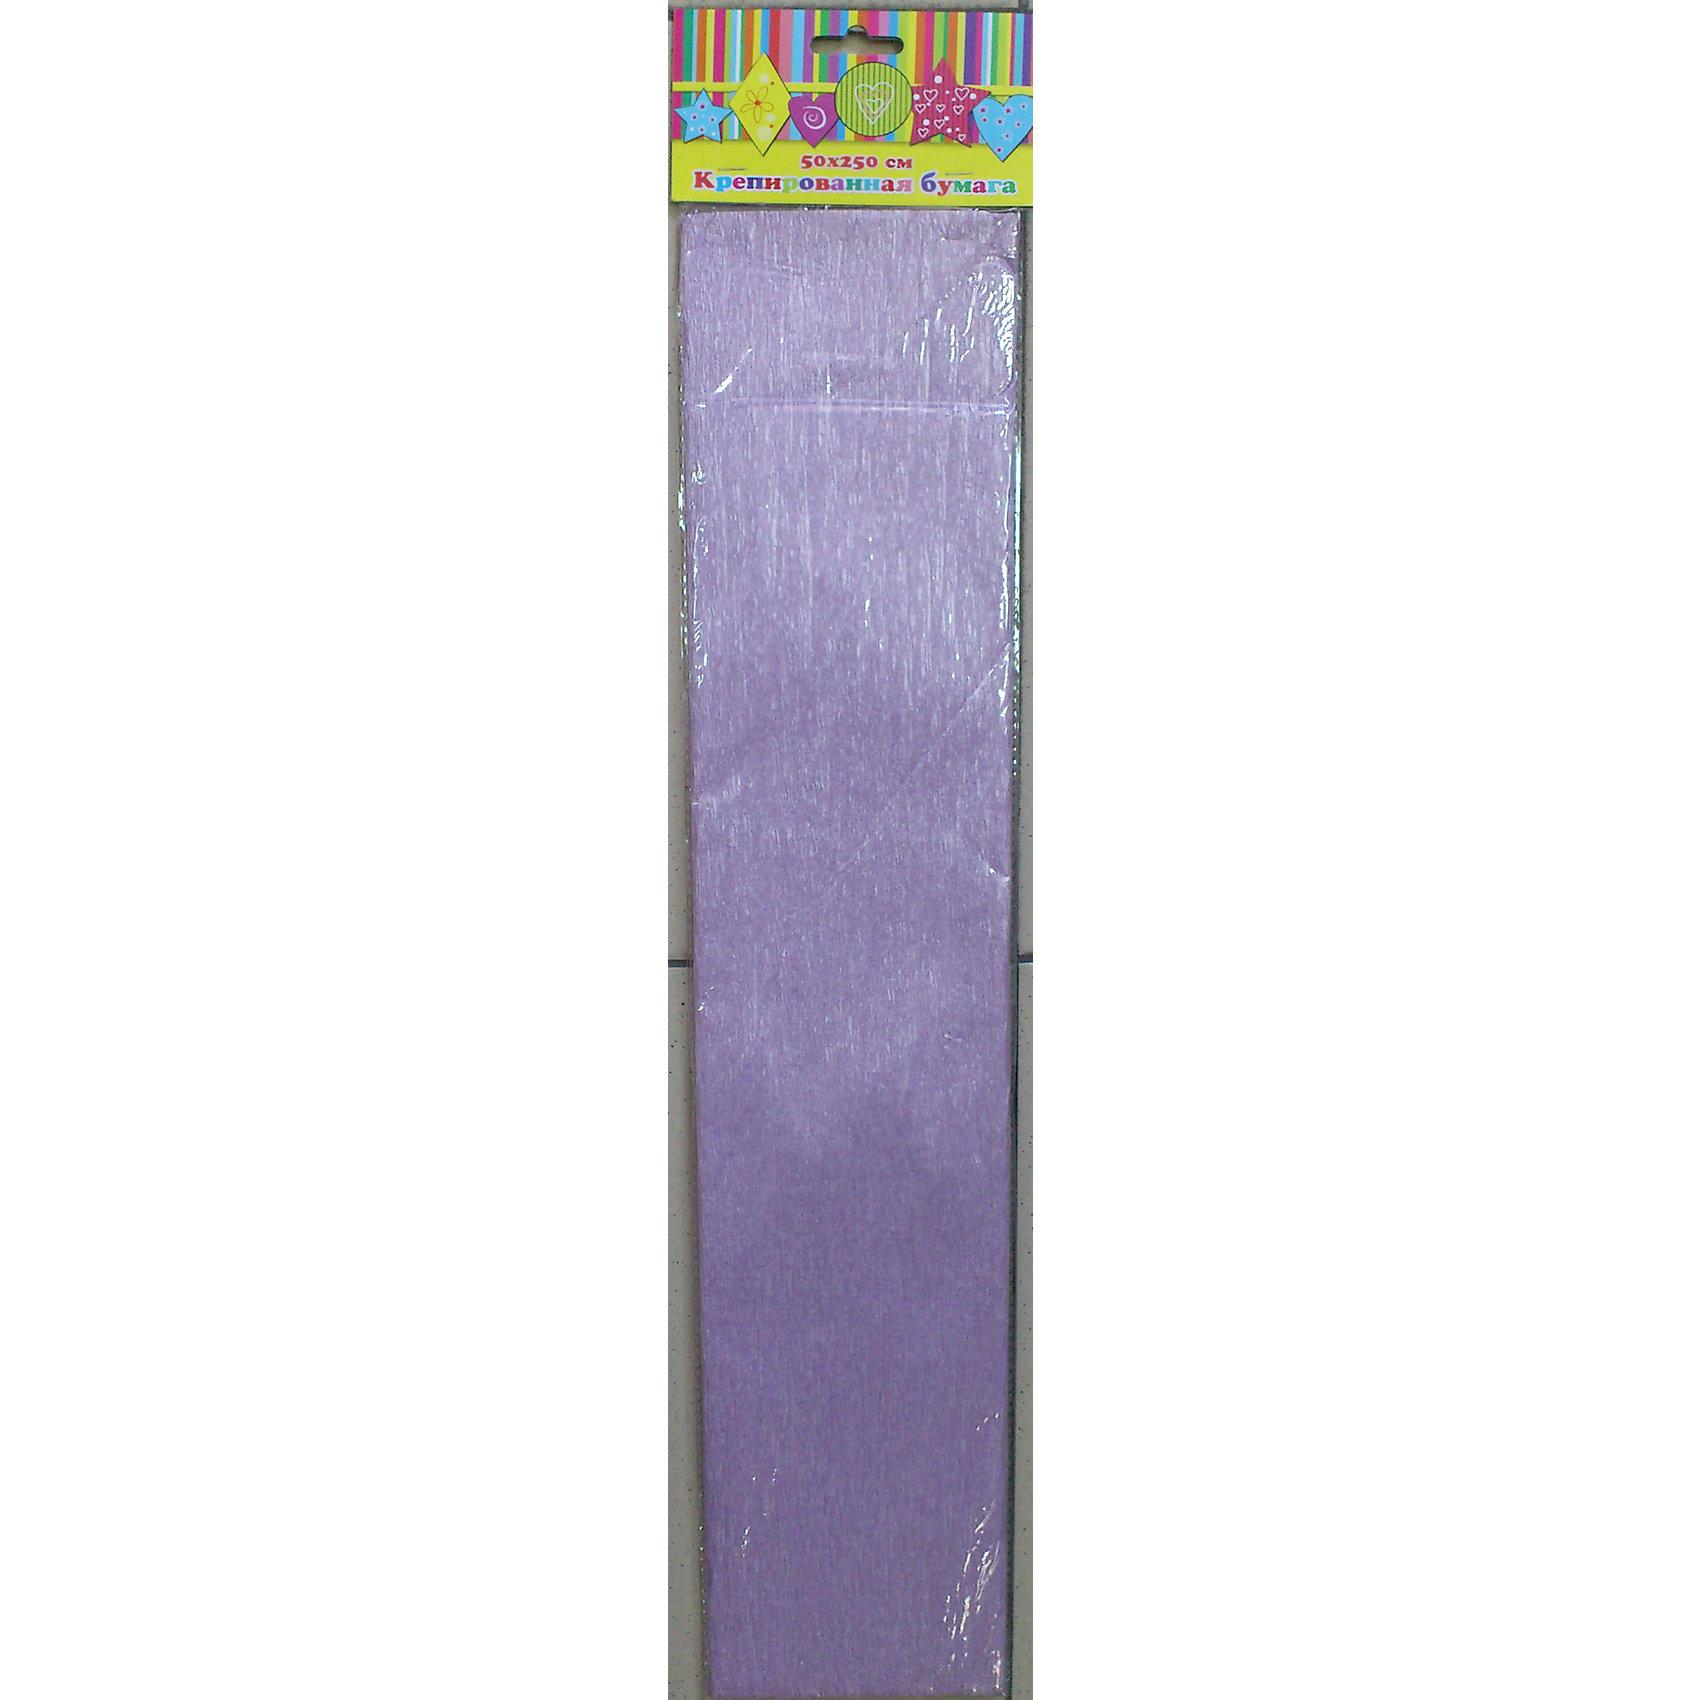 Бумага сиреневая перламутровая крепированнаяРукоделие<br>Изумительная крепированная бумага сиреневого с перламутровым цвета, из нее Ваш малыш сможет сделать множество ярких цветов или другие поделки.<br><br>Дополнительная информация:<br><br>- Возраст: от 3 лет.<br>- 1 лист.<br>- Цвет: сиреневый с перламутром.<br>- Материал: бумага.<br>- Размеры: 50х250 см.<br>- Размер упаковки: 51х11х0,6 см.<br>- Вес в упаковке: 32 г. <br><br>Купить крепированную бумагу в сиреневом с перламутровым цвете, можно в нашем магазине.<br><br>Ширина мм: 520<br>Глубина мм: 110<br>Высота мм: 6<br>Вес г: 32<br>Возраст от месяцев: 36<br>Возраст до месяцев: 2147483647<br>Пол: Унисекс<br>Возраст: Детский<br>SKU: 4943587